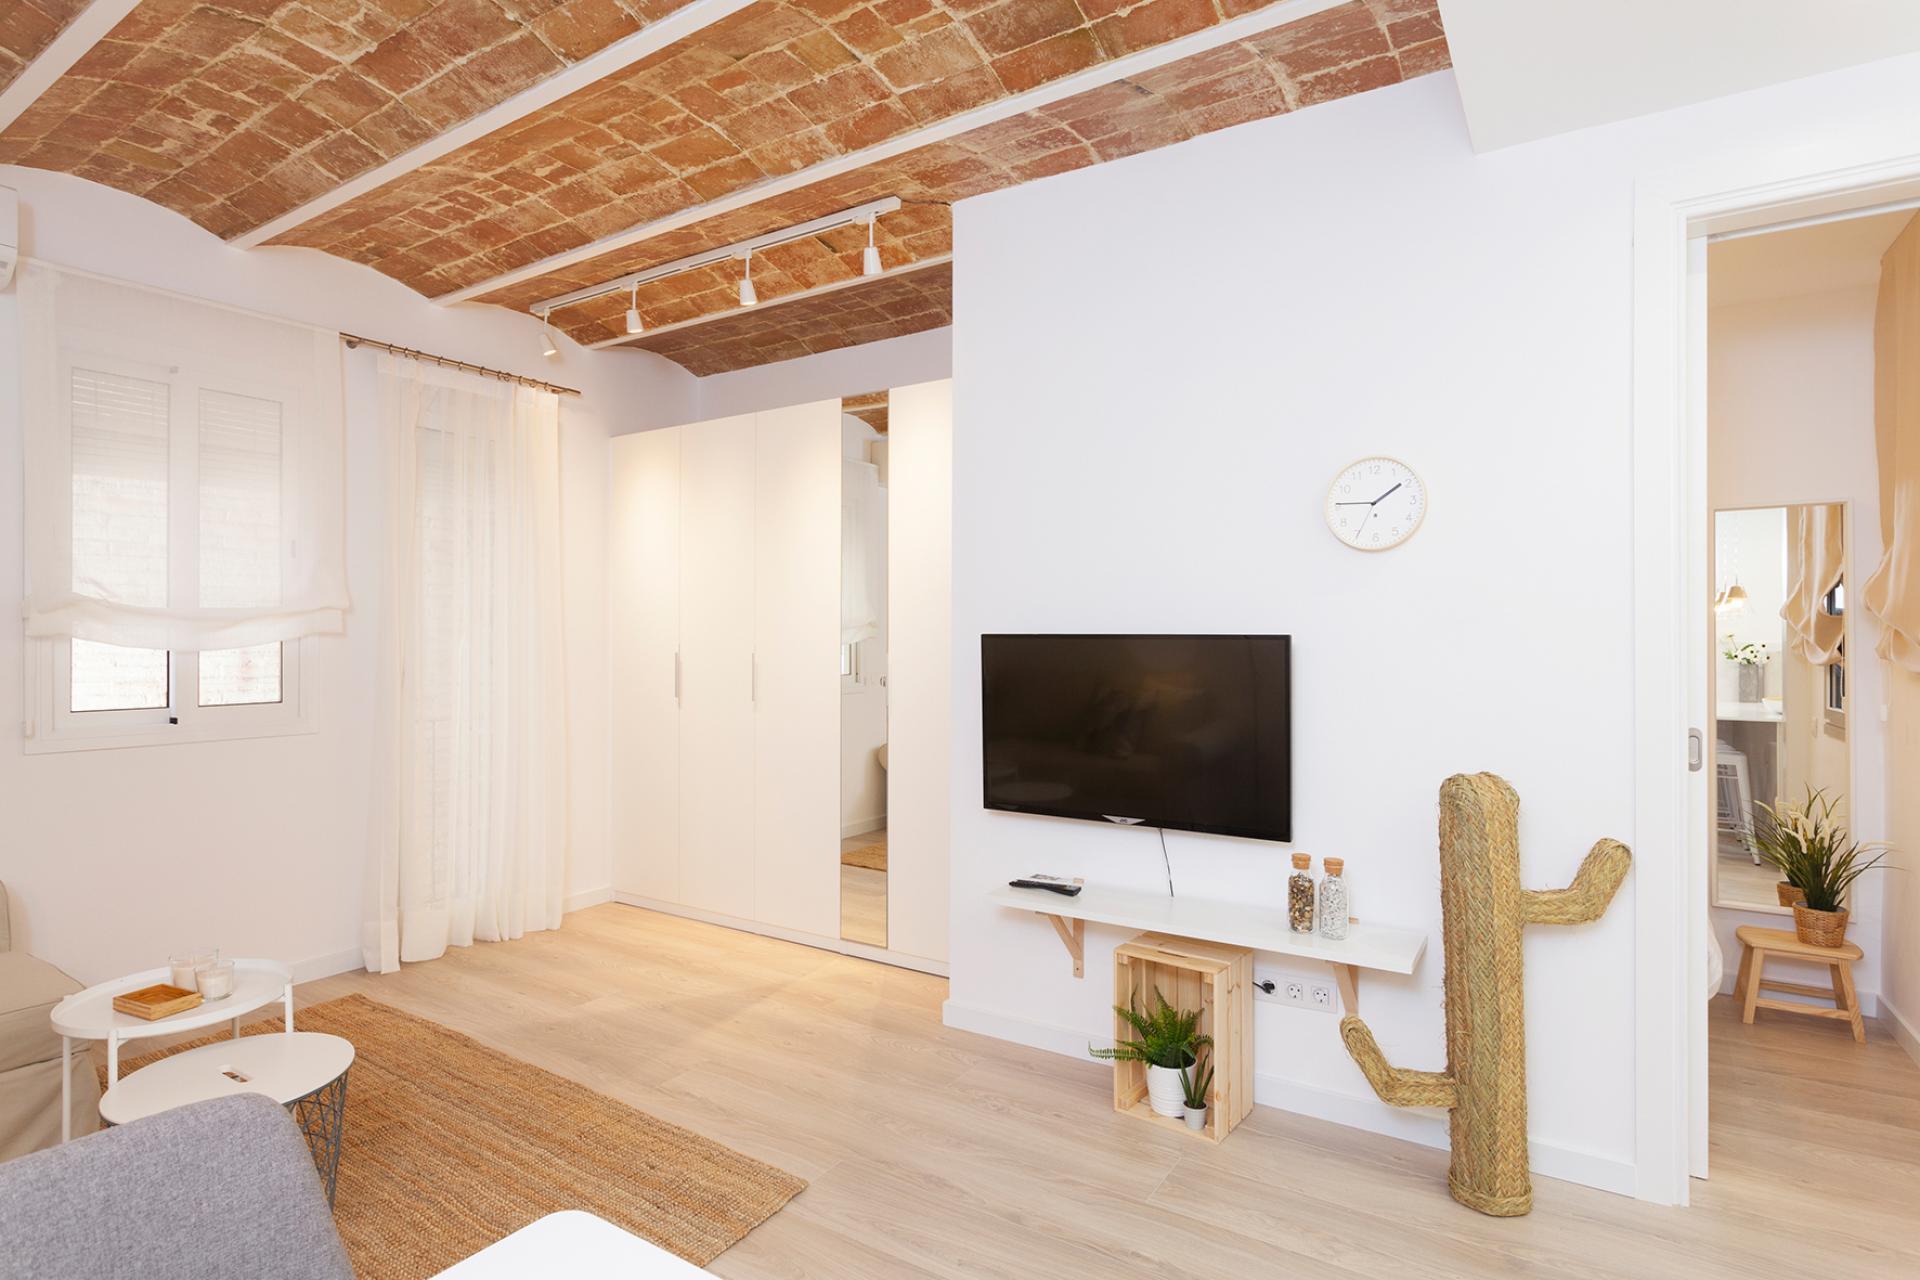 Shbarcelona maravilloso piso en alquiler en sants montju c for Pisos alquiler sants badal